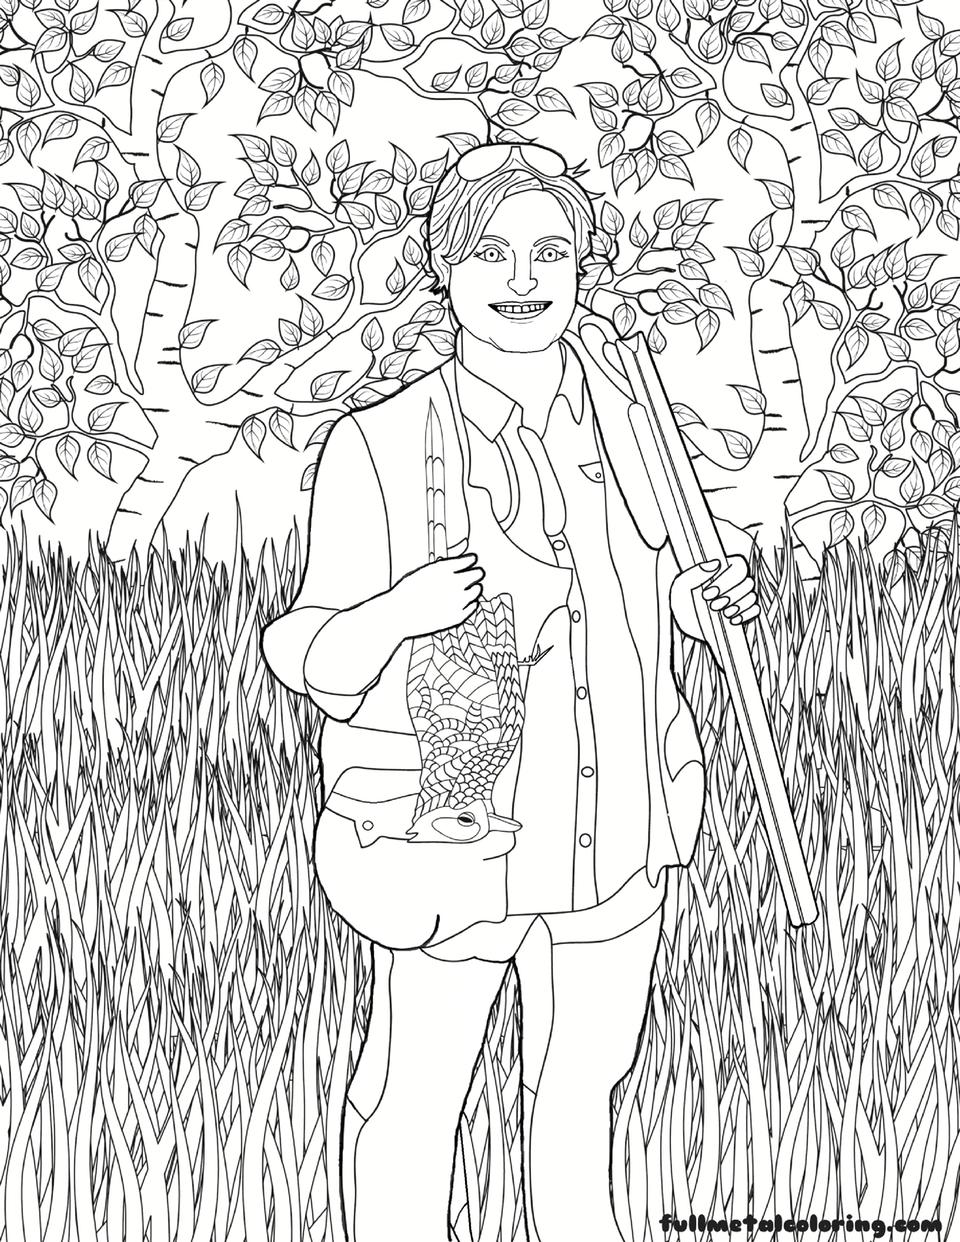 Michelle-Cerino-coloring-page